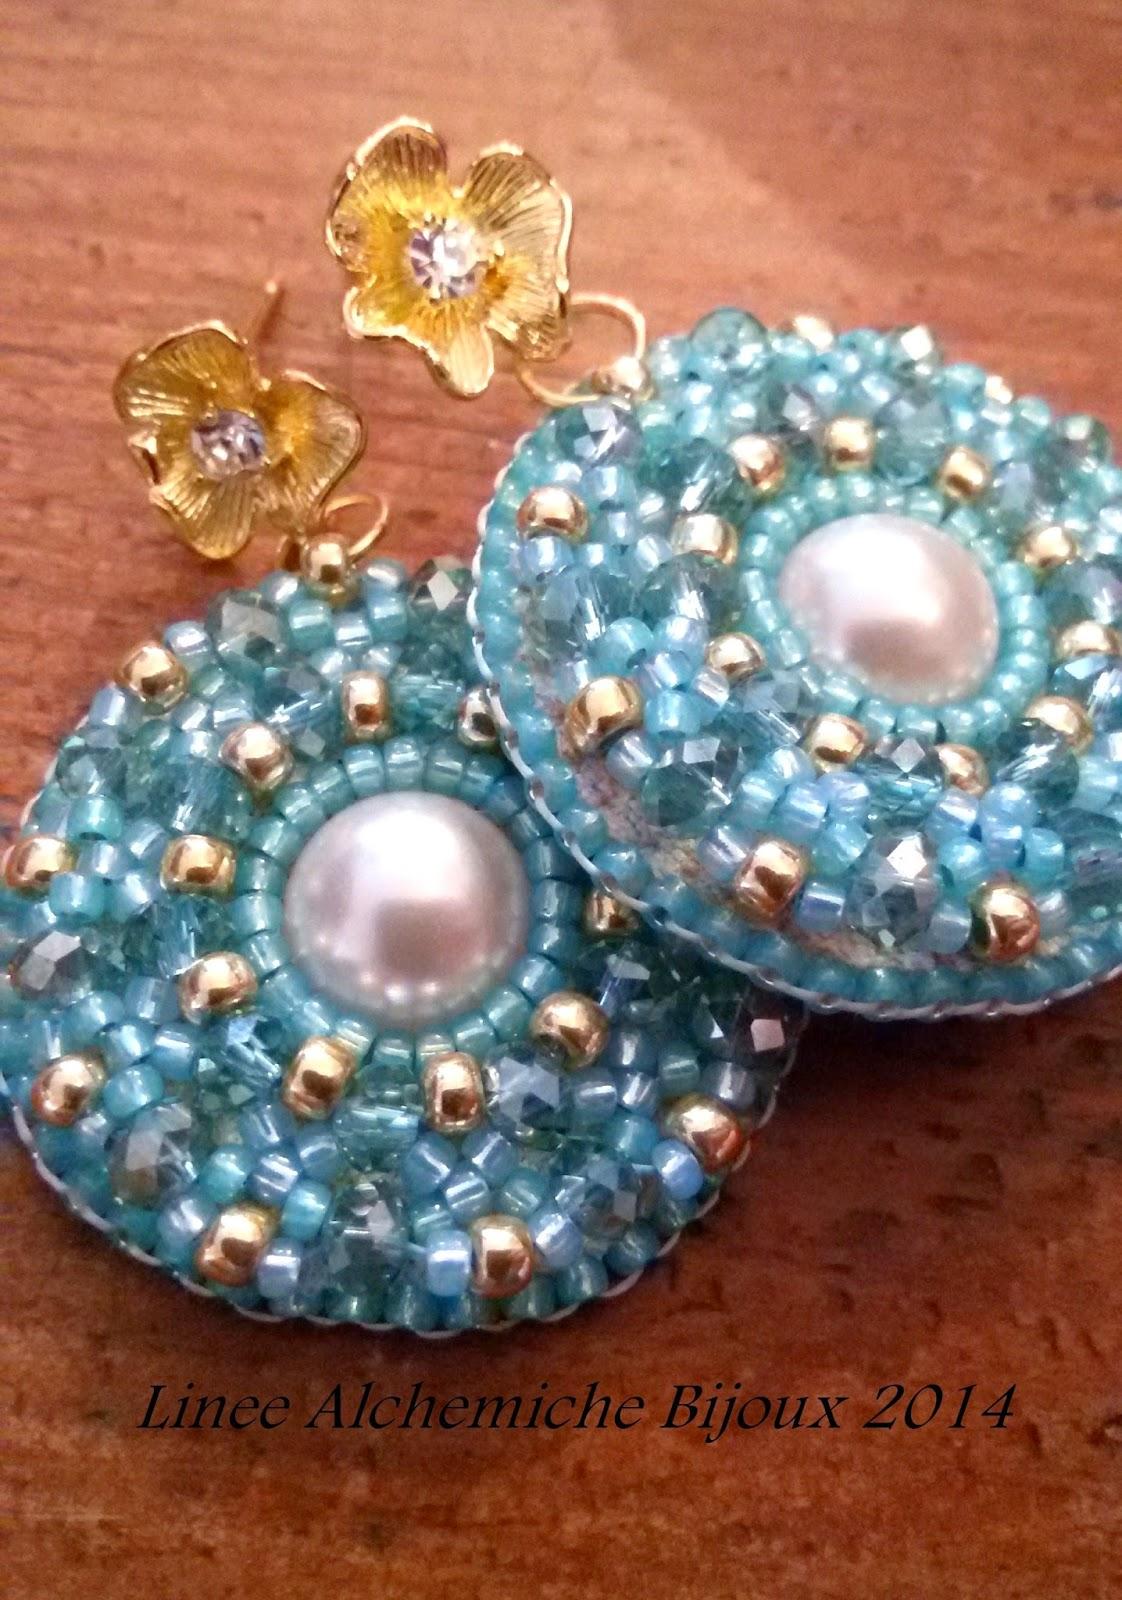 Linee alchemiche bijoux orecchini in embroidery semplici for Materiali da costruzione economici